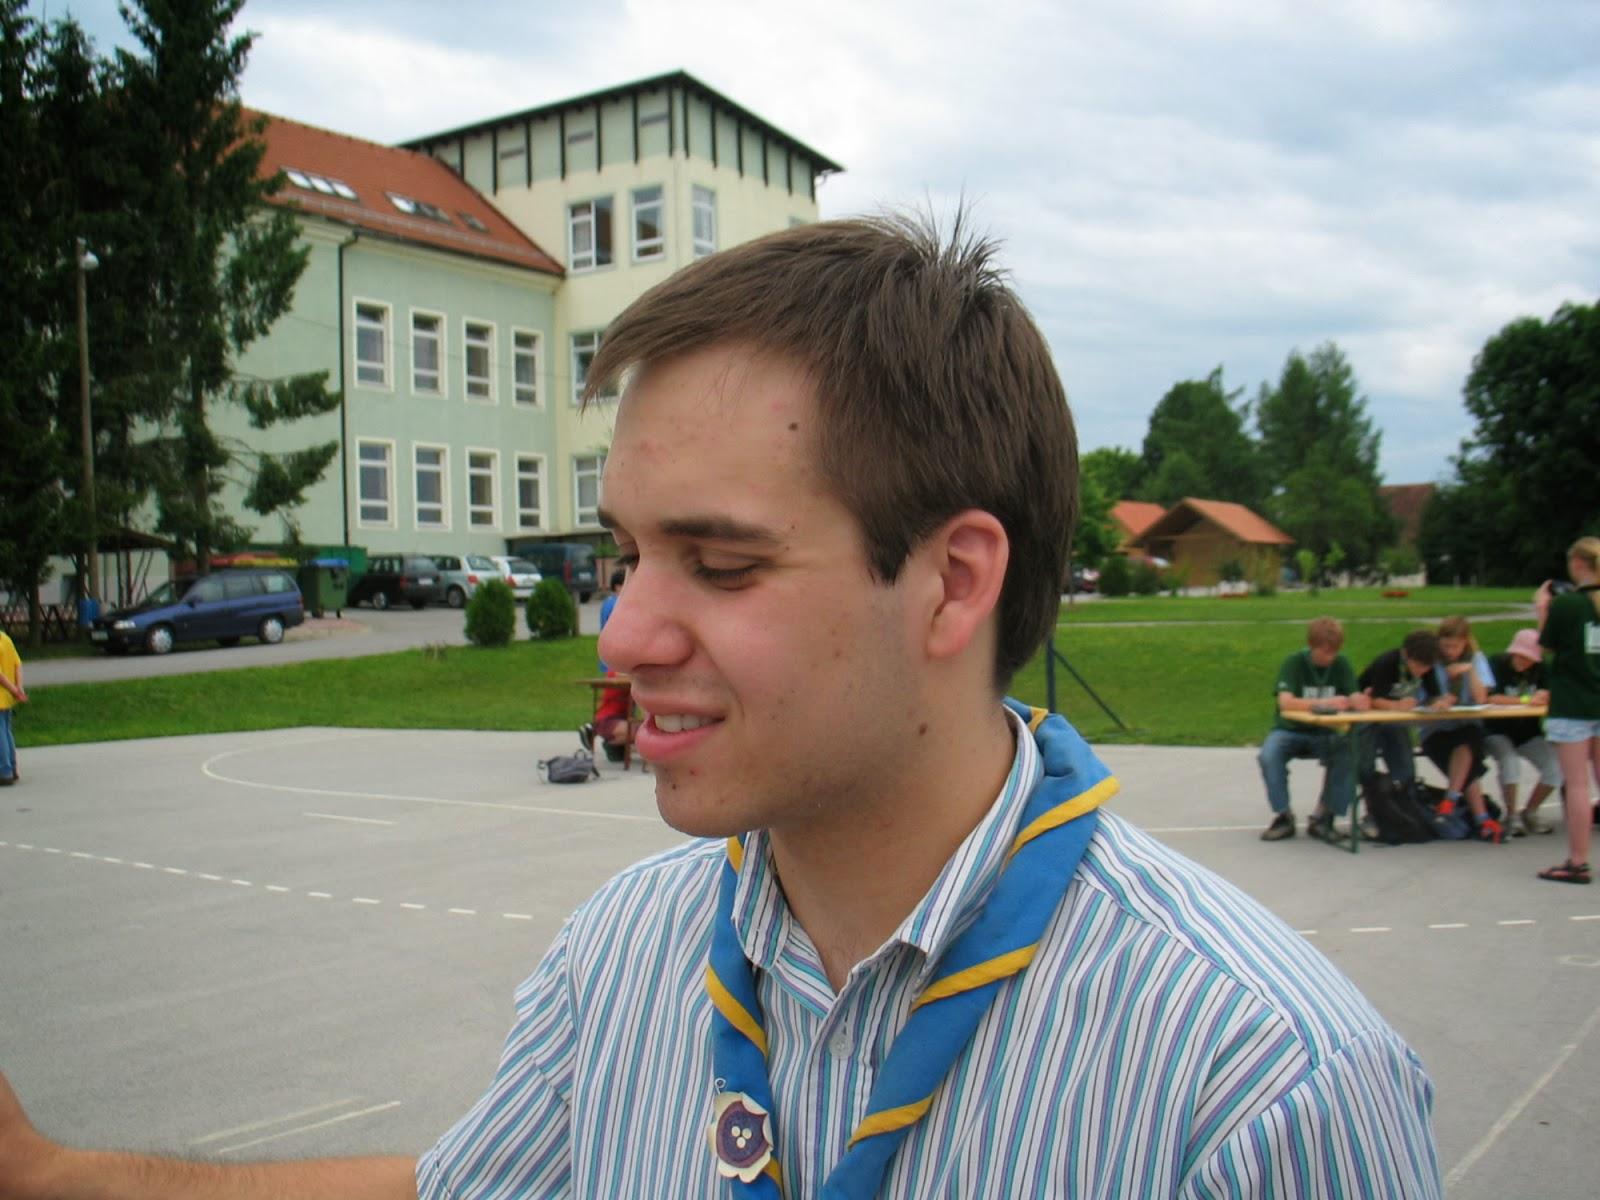 Državni mnogoboj, Slovenska Bistrica 2005 - Mnogoboj%2B2005%2B012.jpg